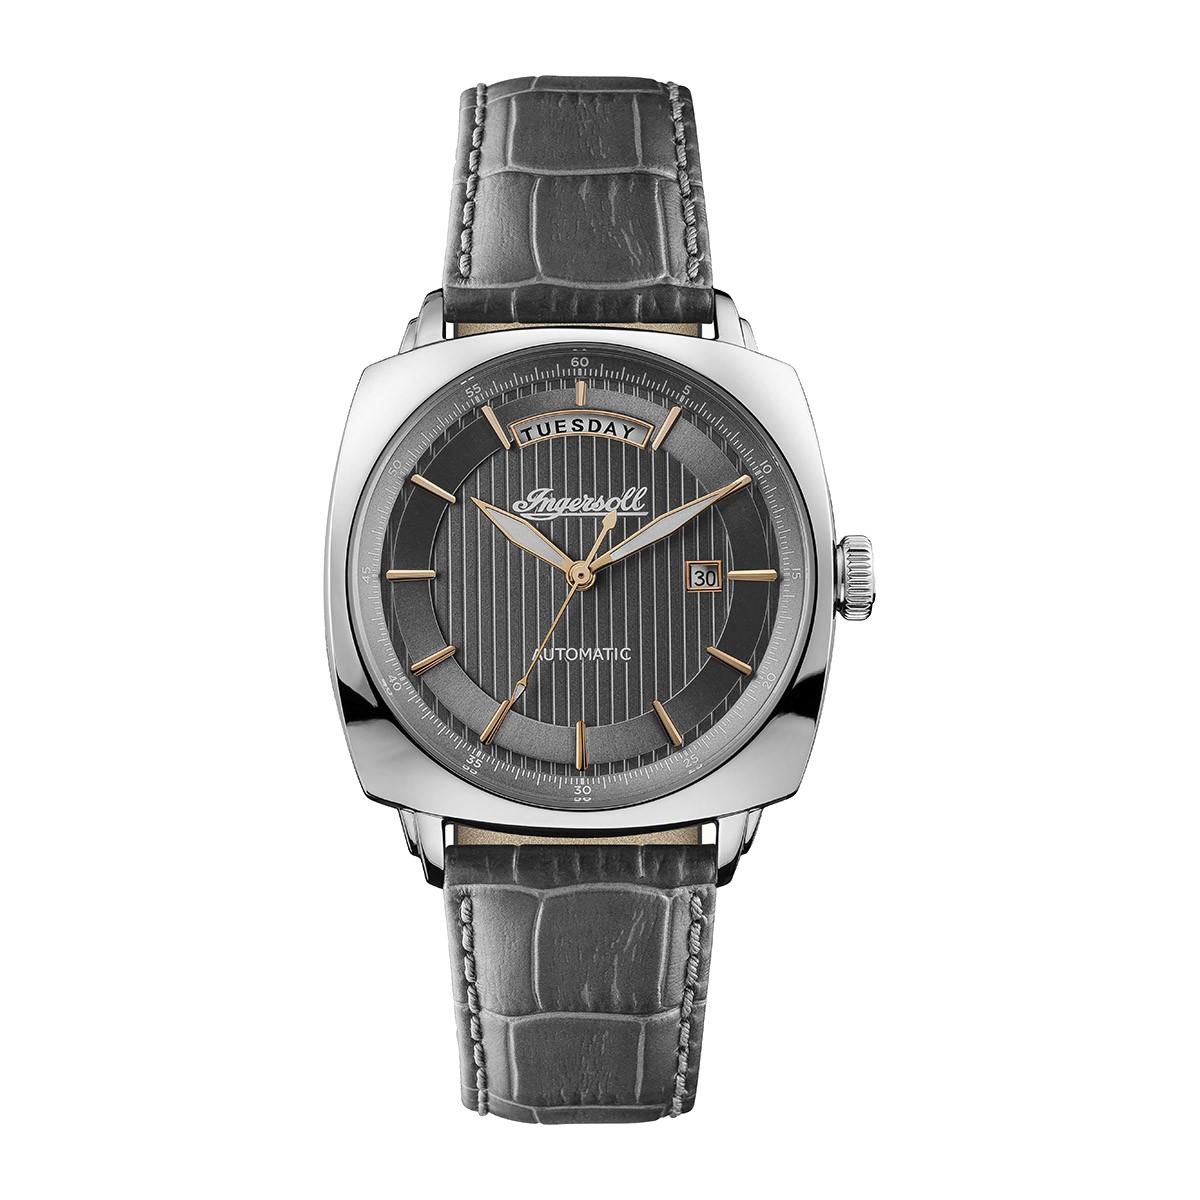 ساعت مچی عقربه ای مردانه اینگرسل مدل I04202 14